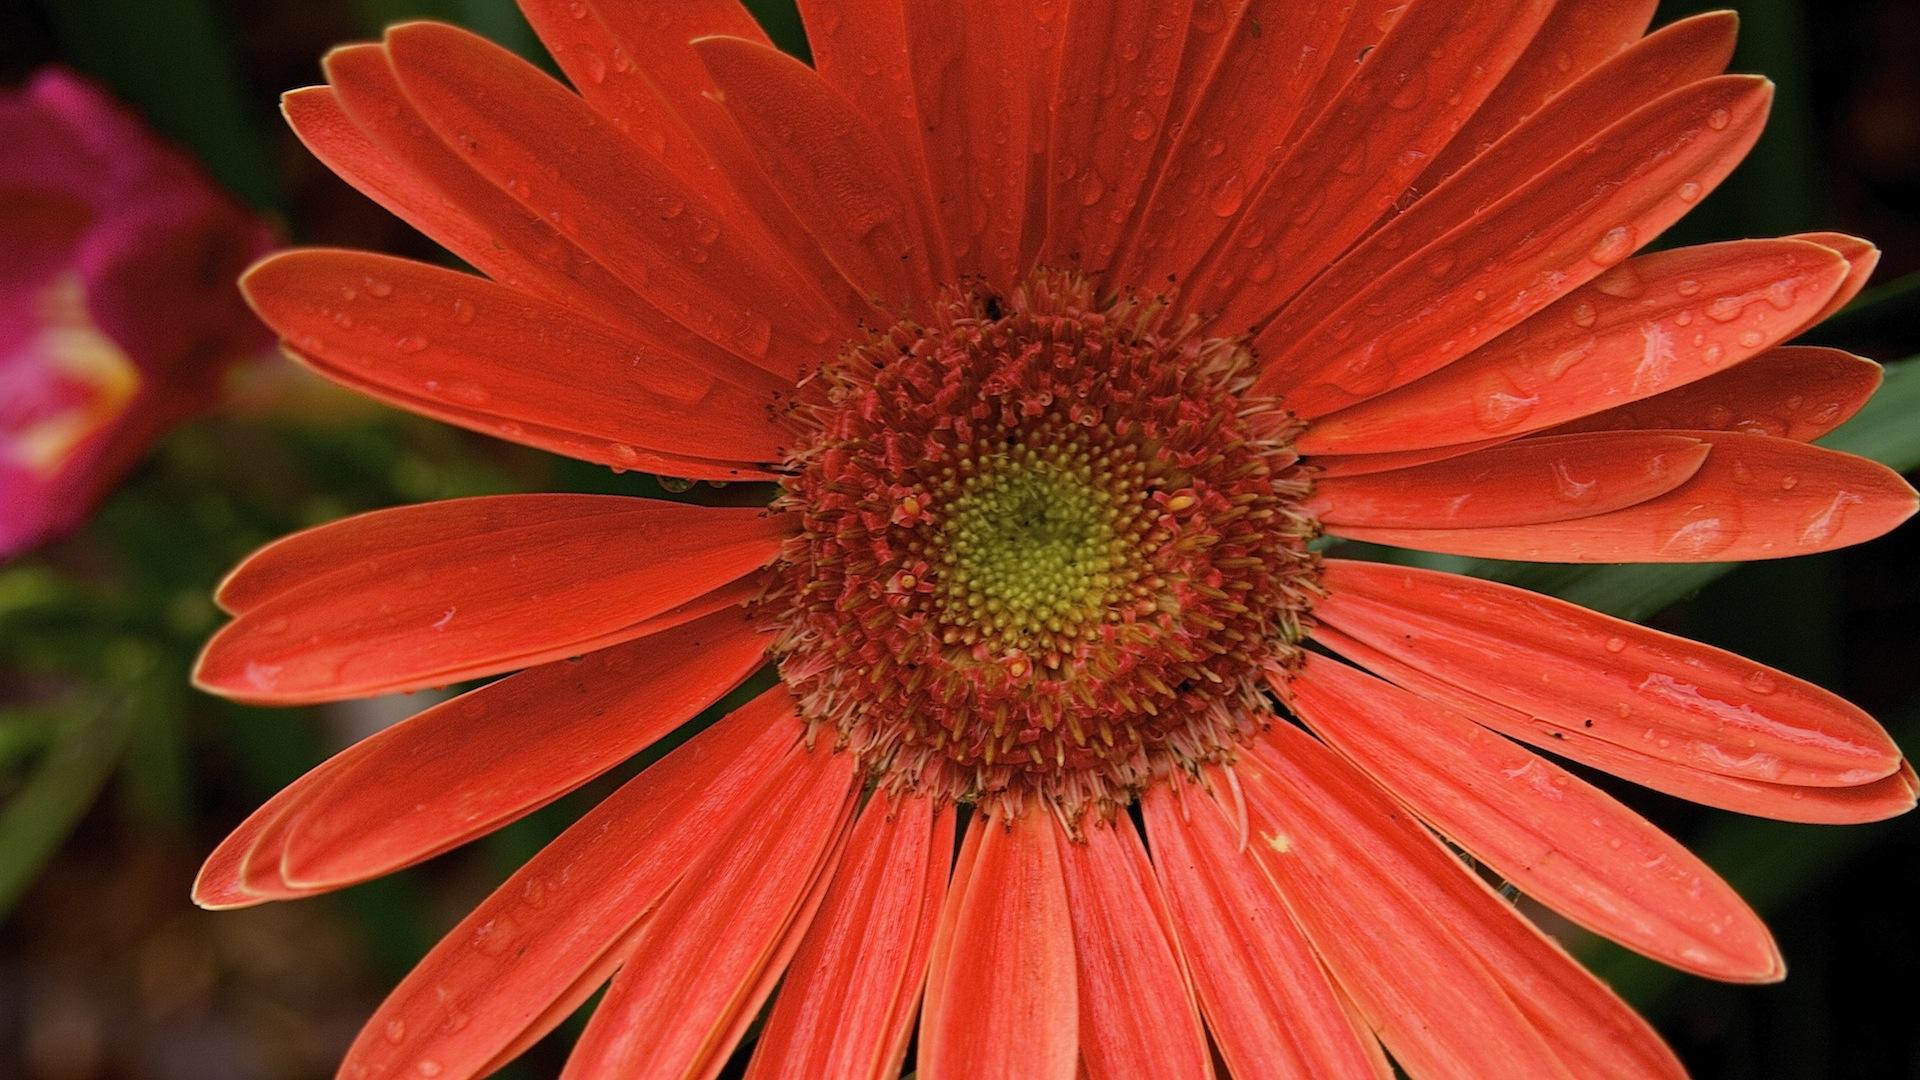 Muriva Daisy Floral Metallic Gerbera Flower Wallpaper Red Cream